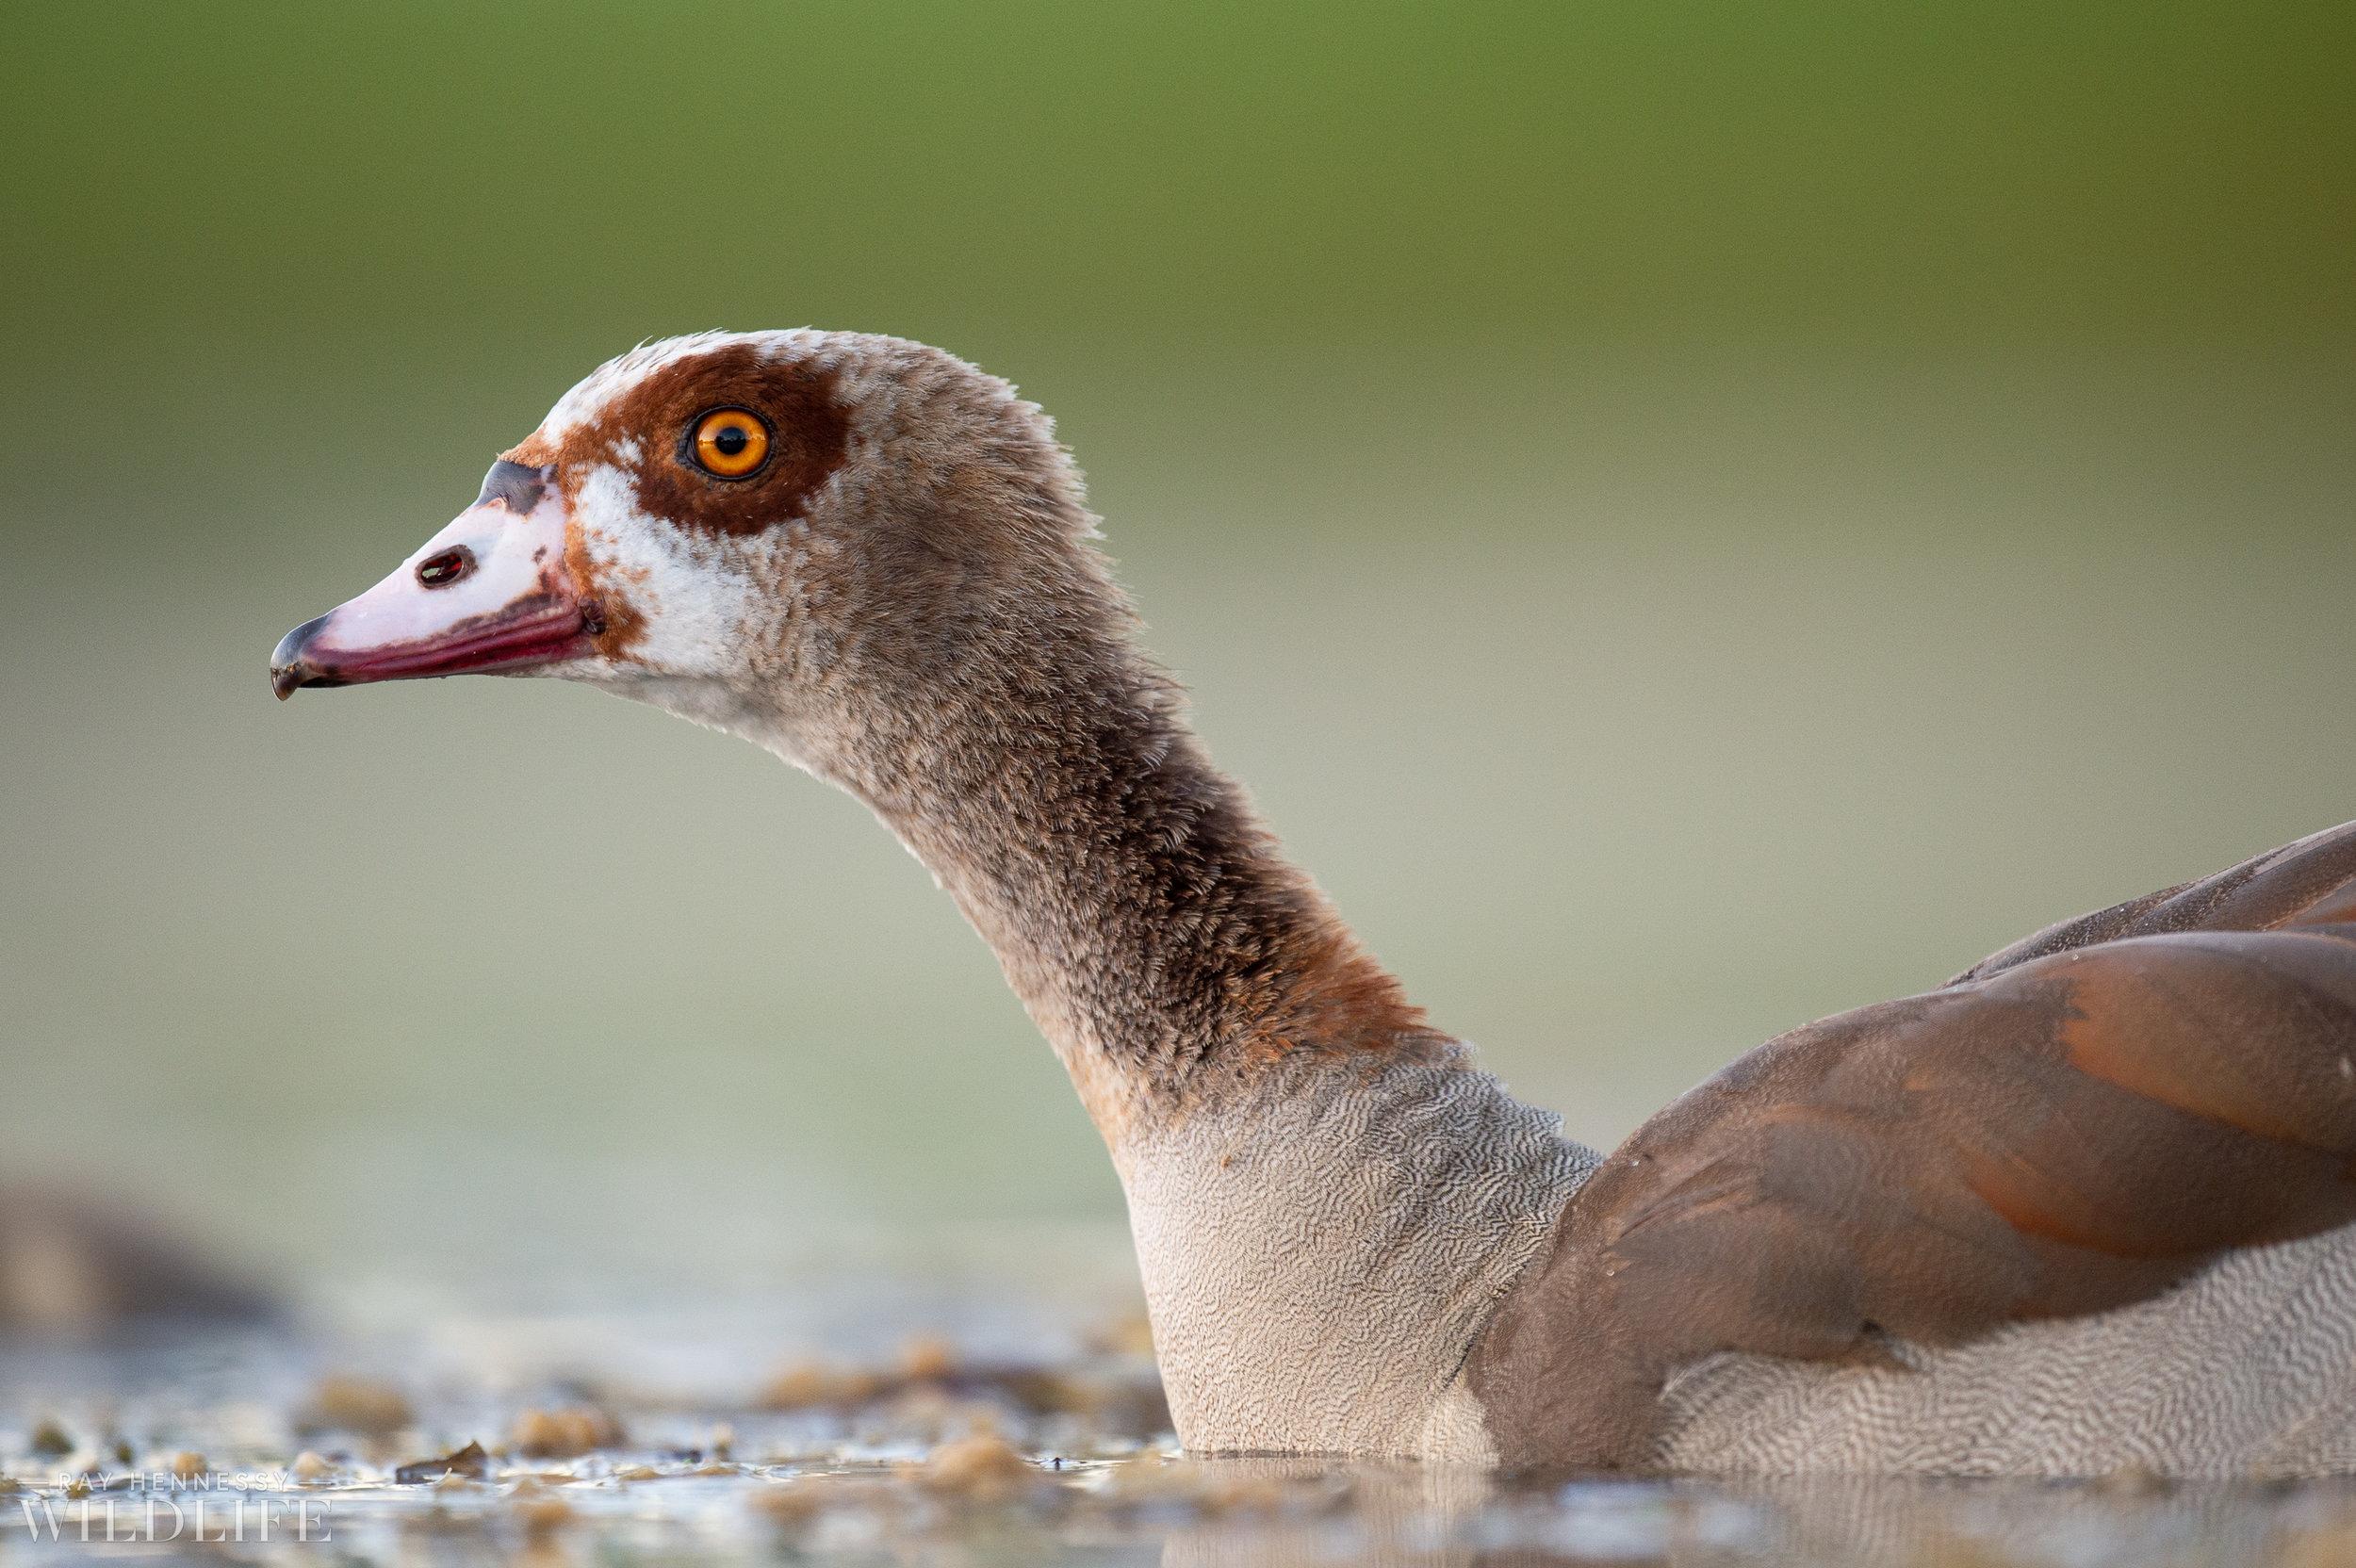 003_goslings-white-ibis-florida.jpg